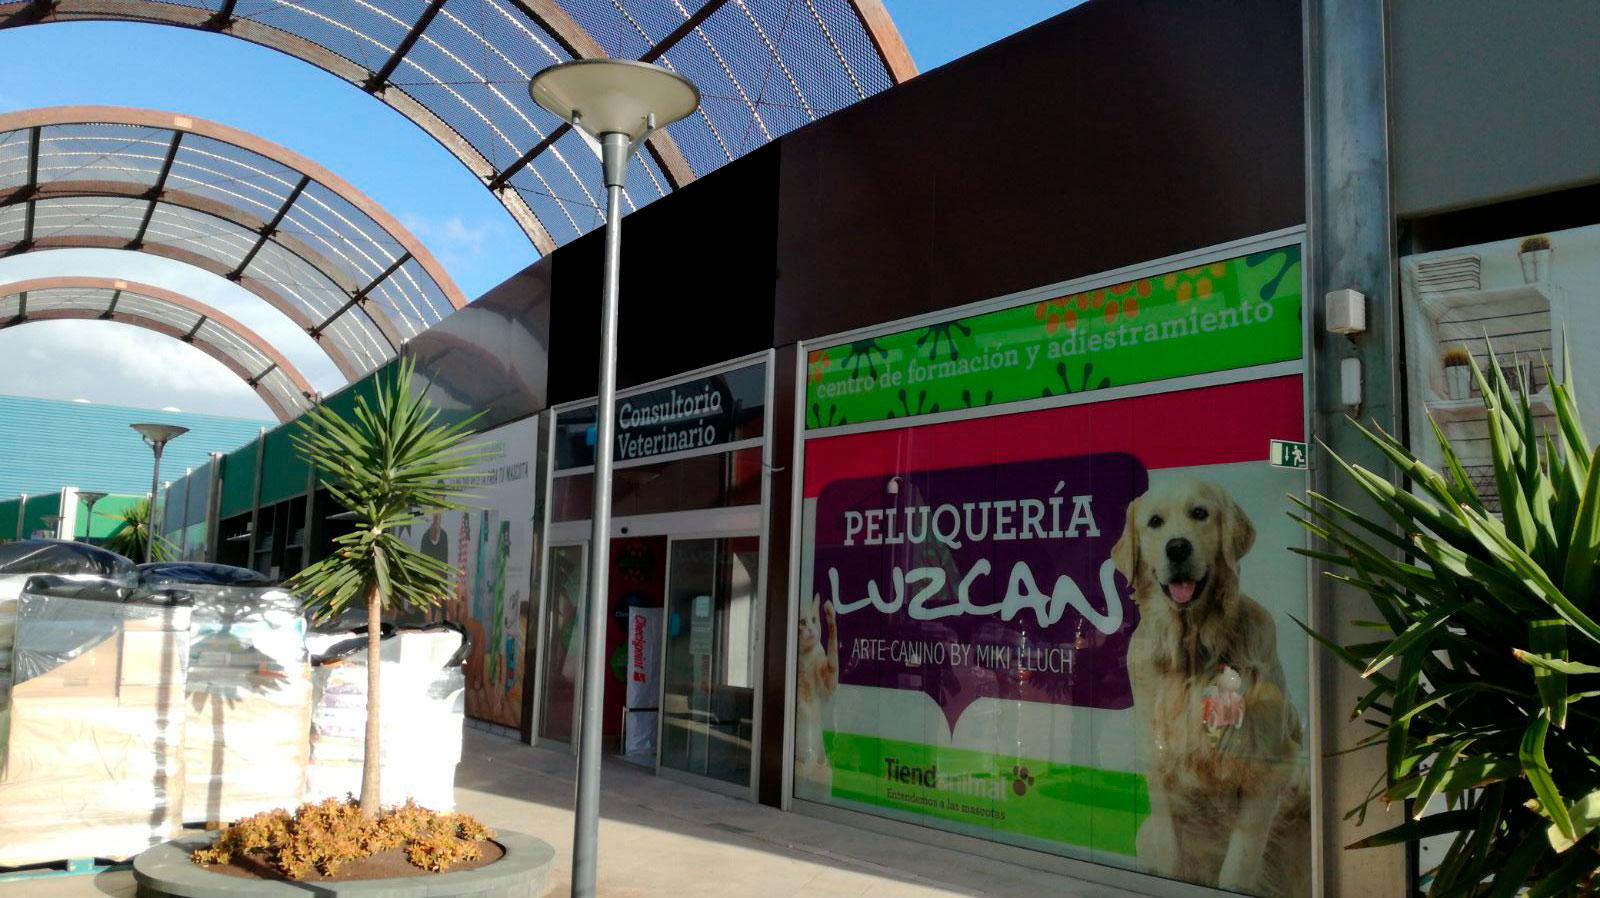 Edif. Comercial Telde, Las Palmas de Gran Canaria